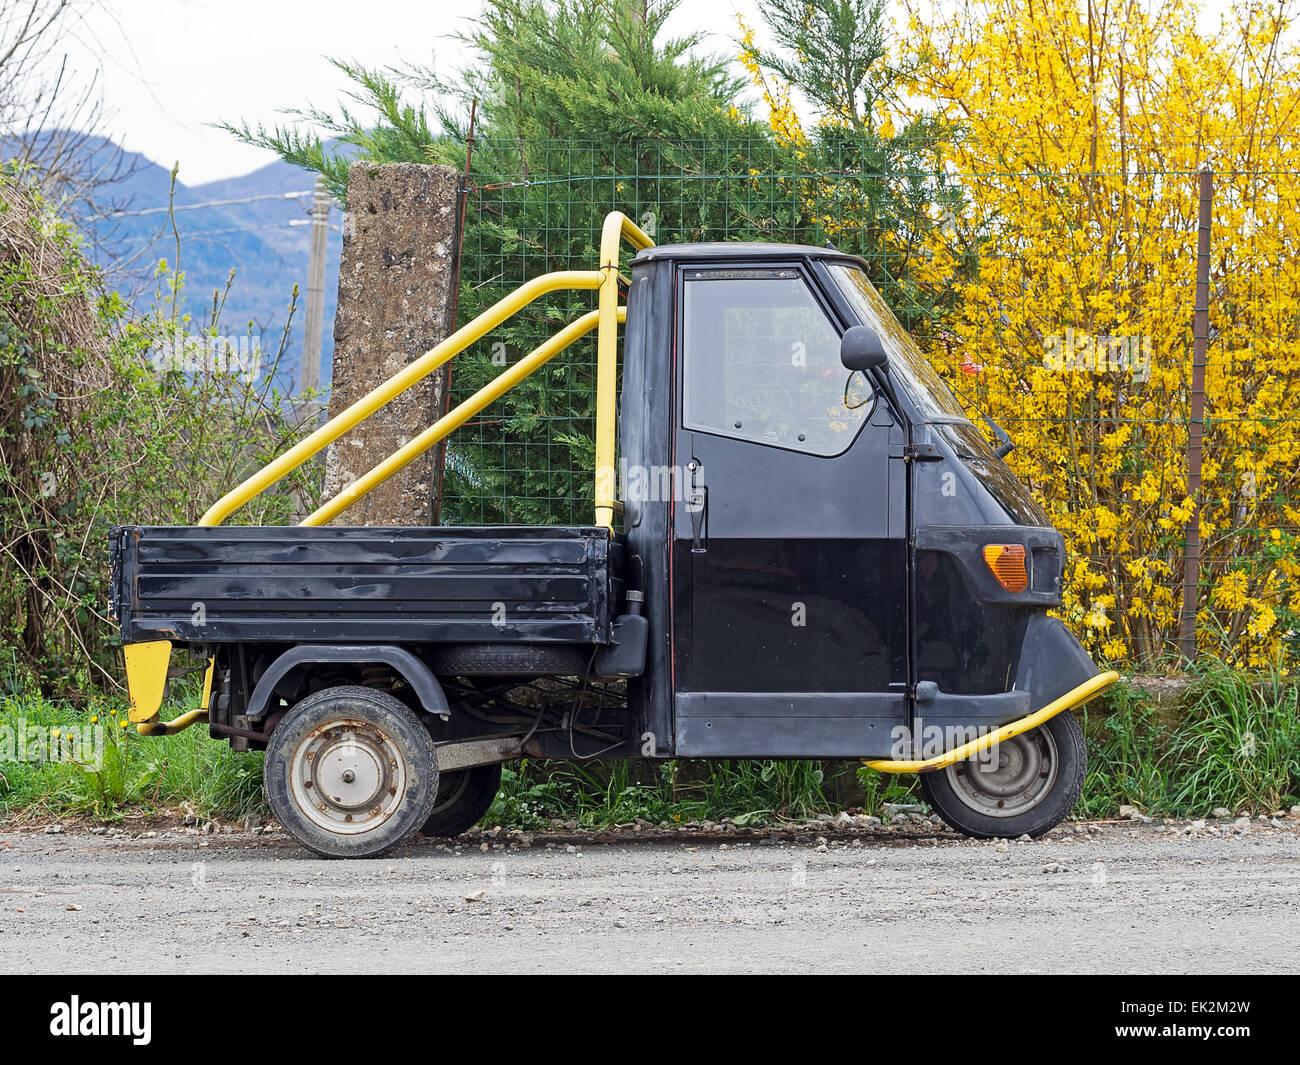 ape piaggio, apecar, ape car, ape. italian three wheeled vehicle